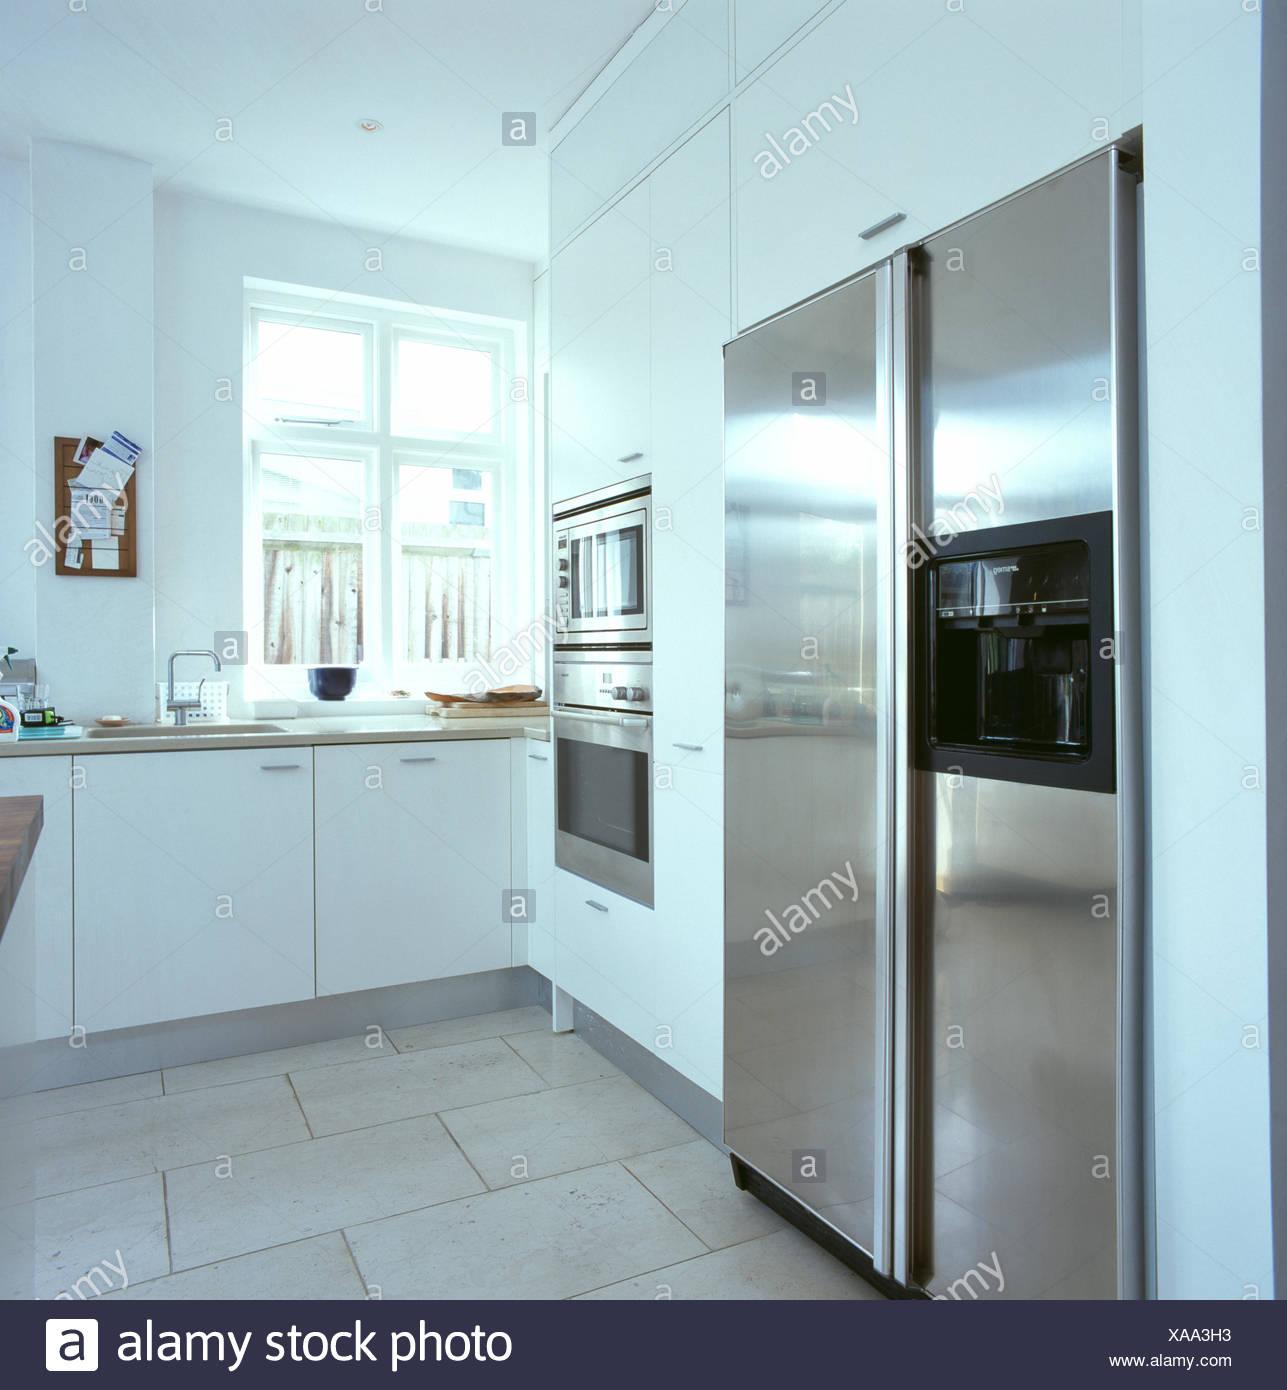 Limestone Floor Kitchen Stock Photos & Limestone Floor Kitchen Stock ...